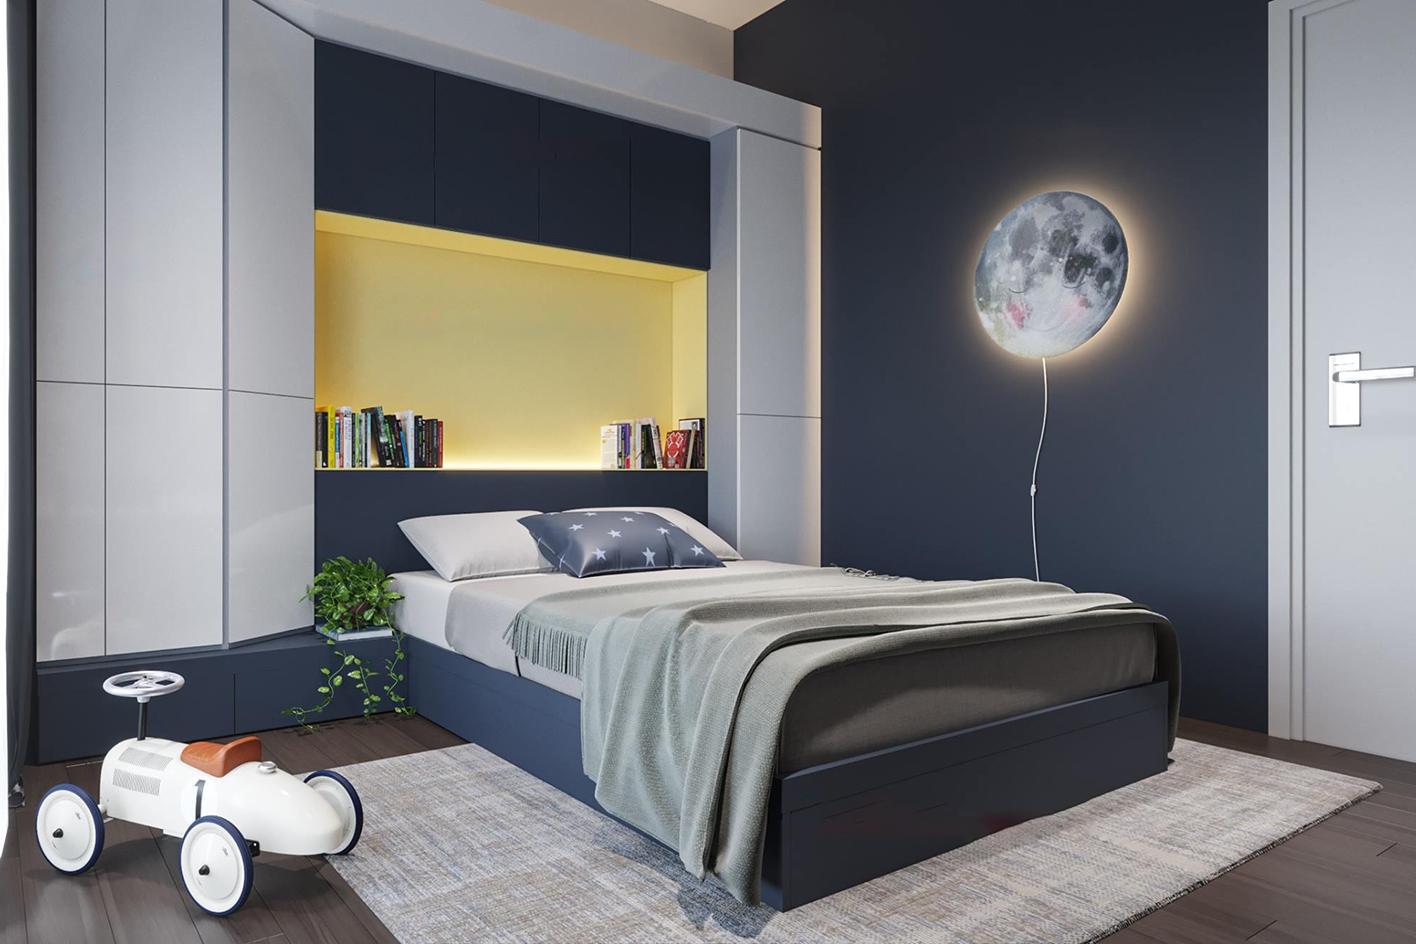 Phòng ngủ trẻ em hiện đại chung cư Mỹ Đình Plaza 2